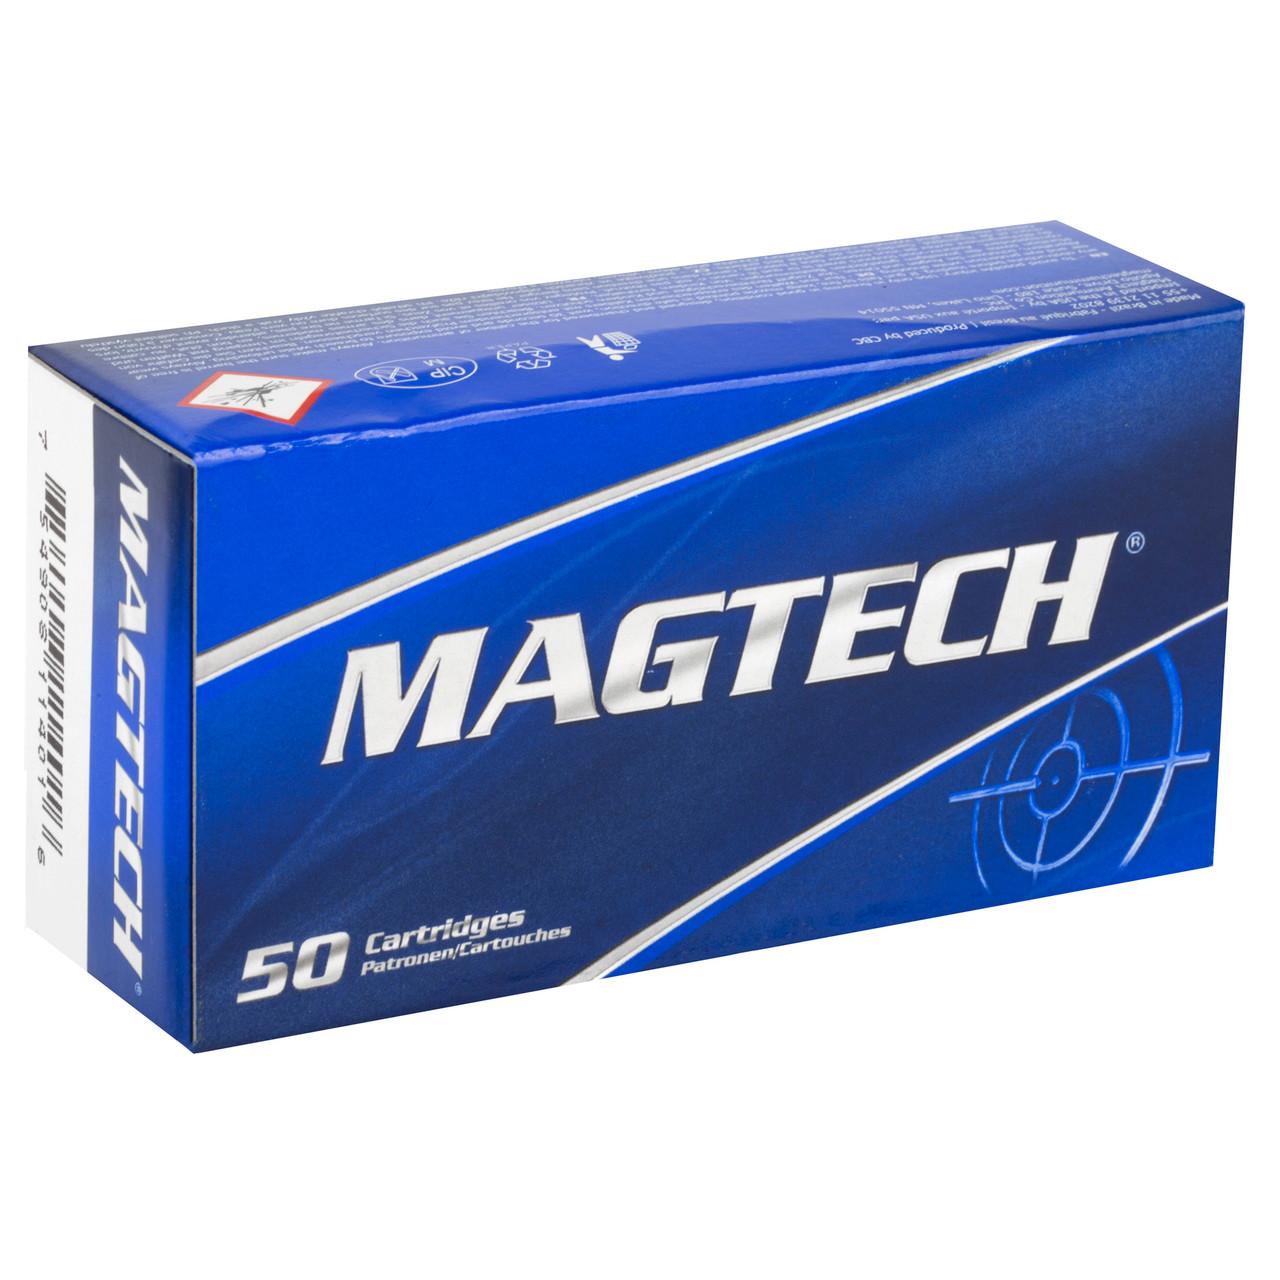 Magtech 115gr 9mm FMJ